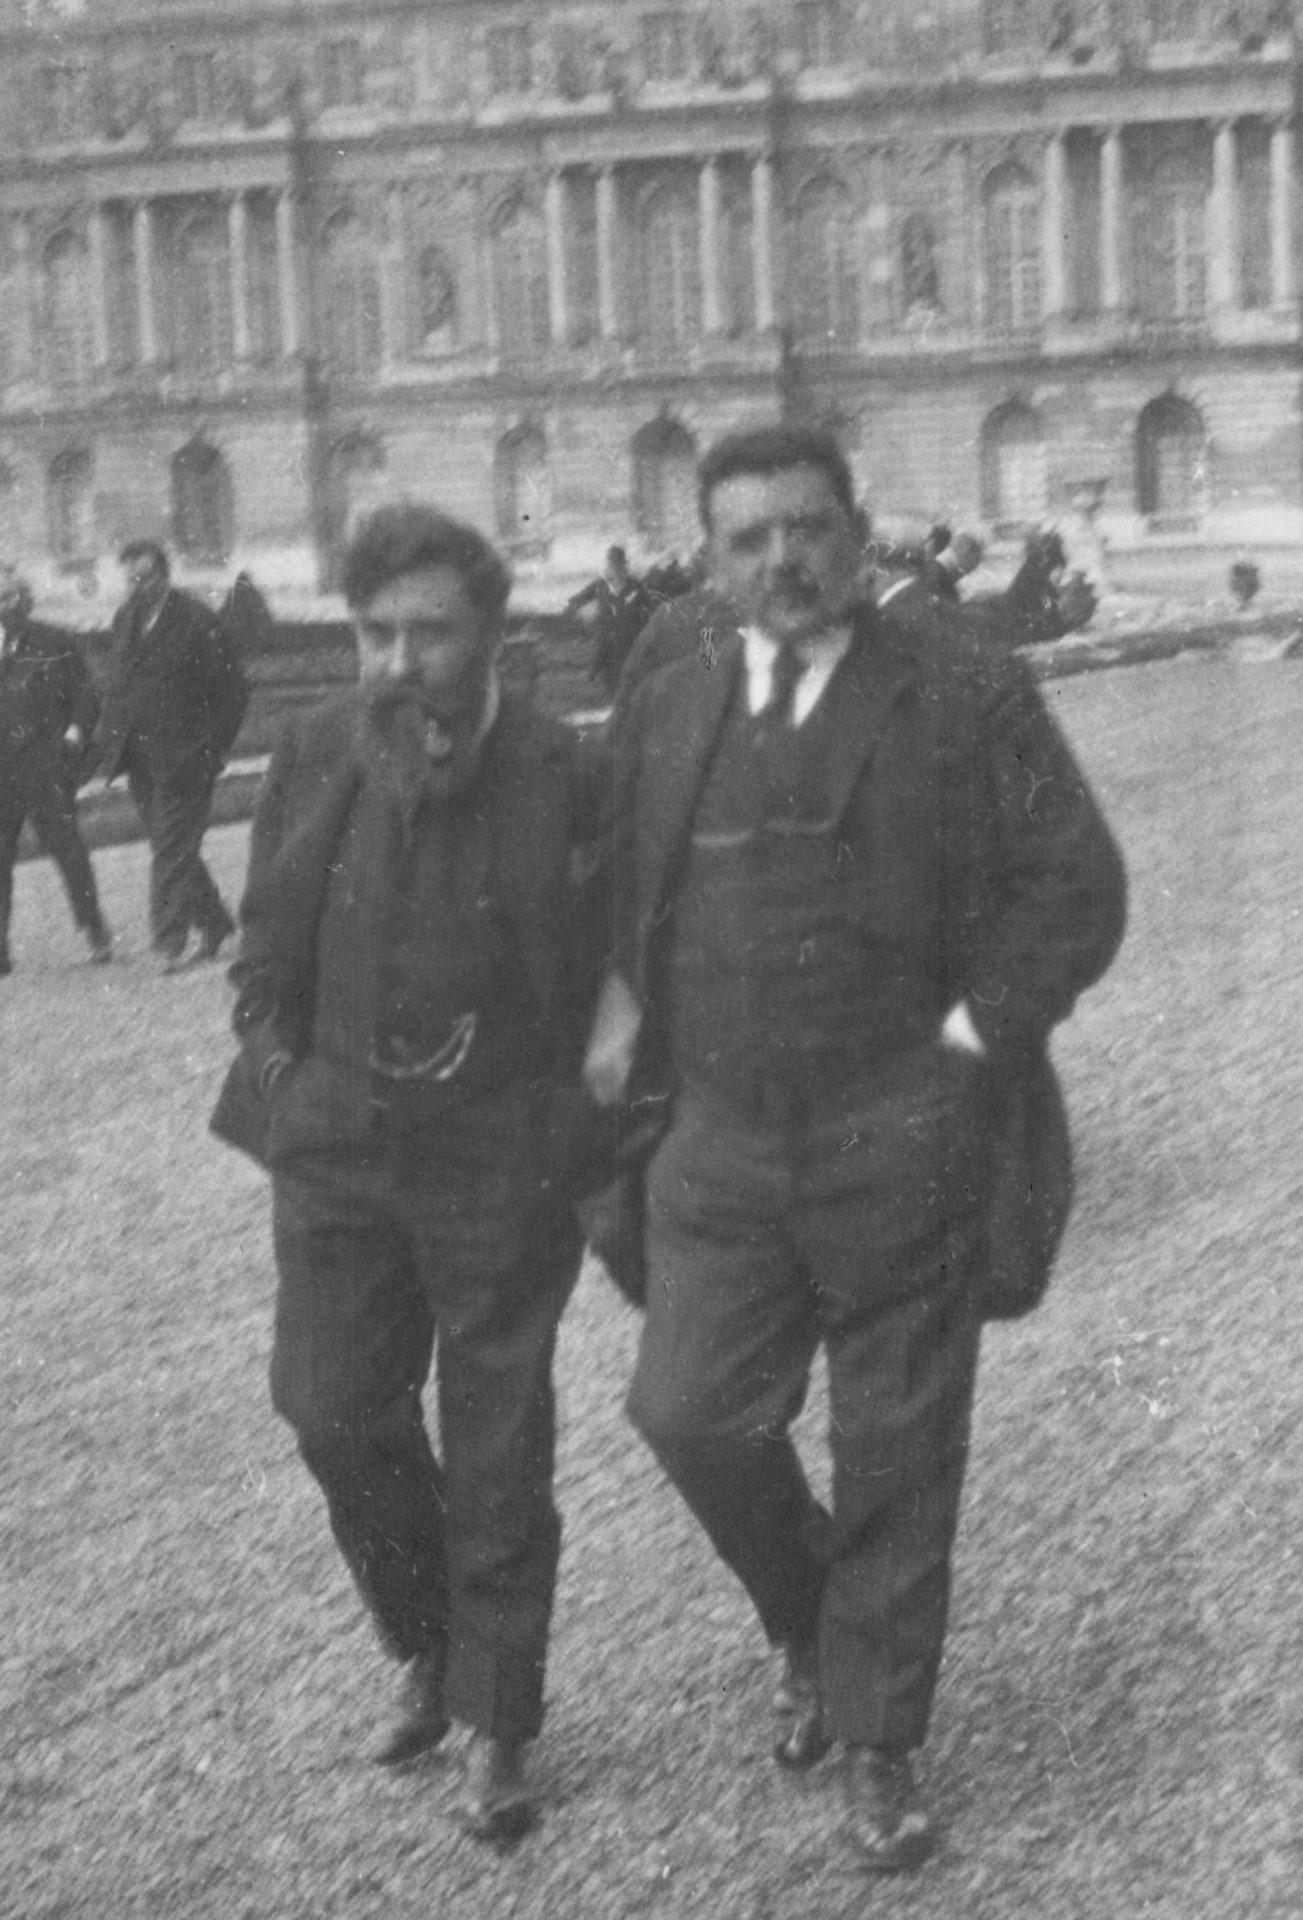 Alexandre Varenne et Gaston Doumergue (certains pensent qu'il s'agit d'Edouard Herriot, figure du Cartel des gauches)